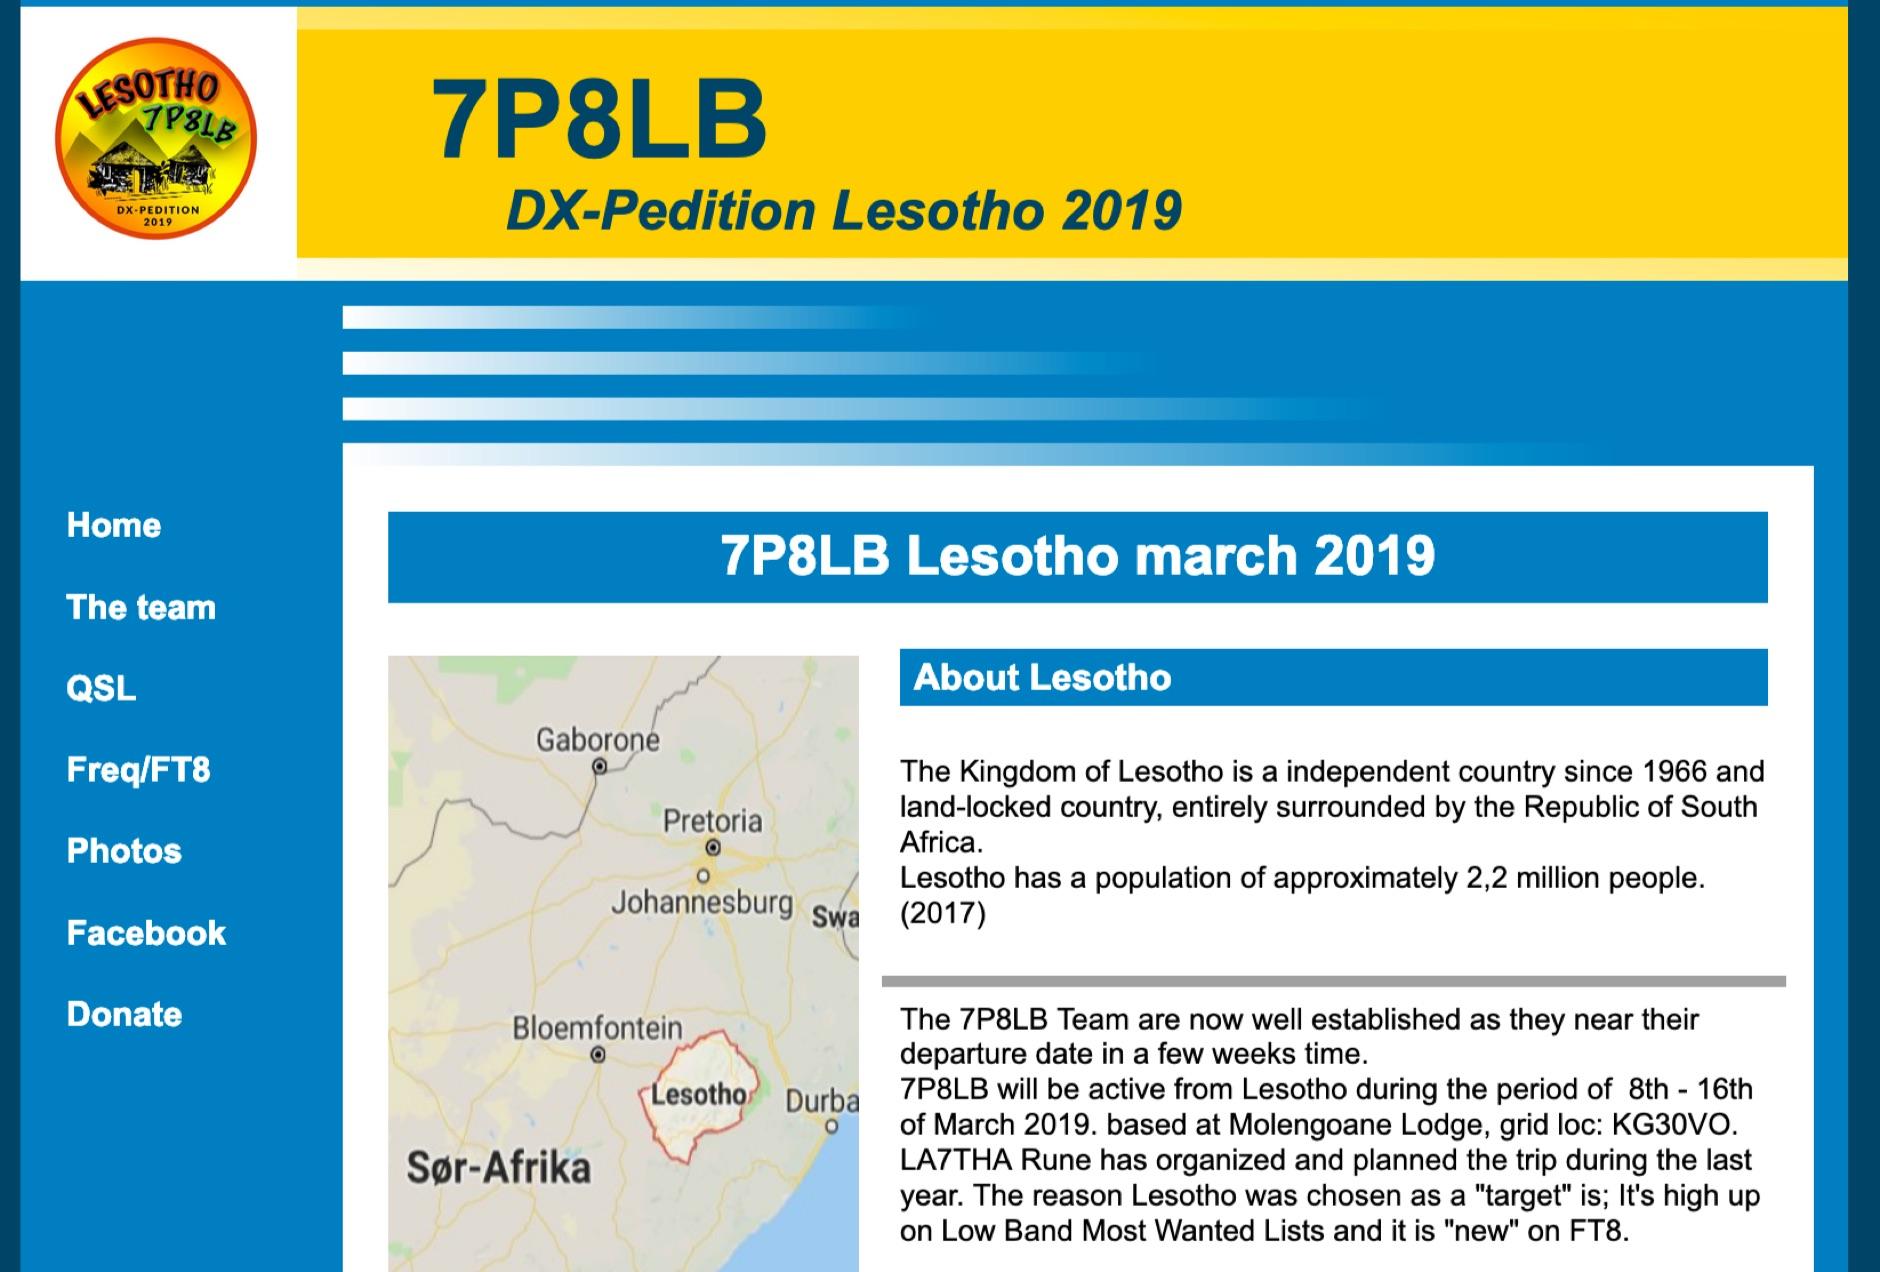 7P8LB Lesotho 2019